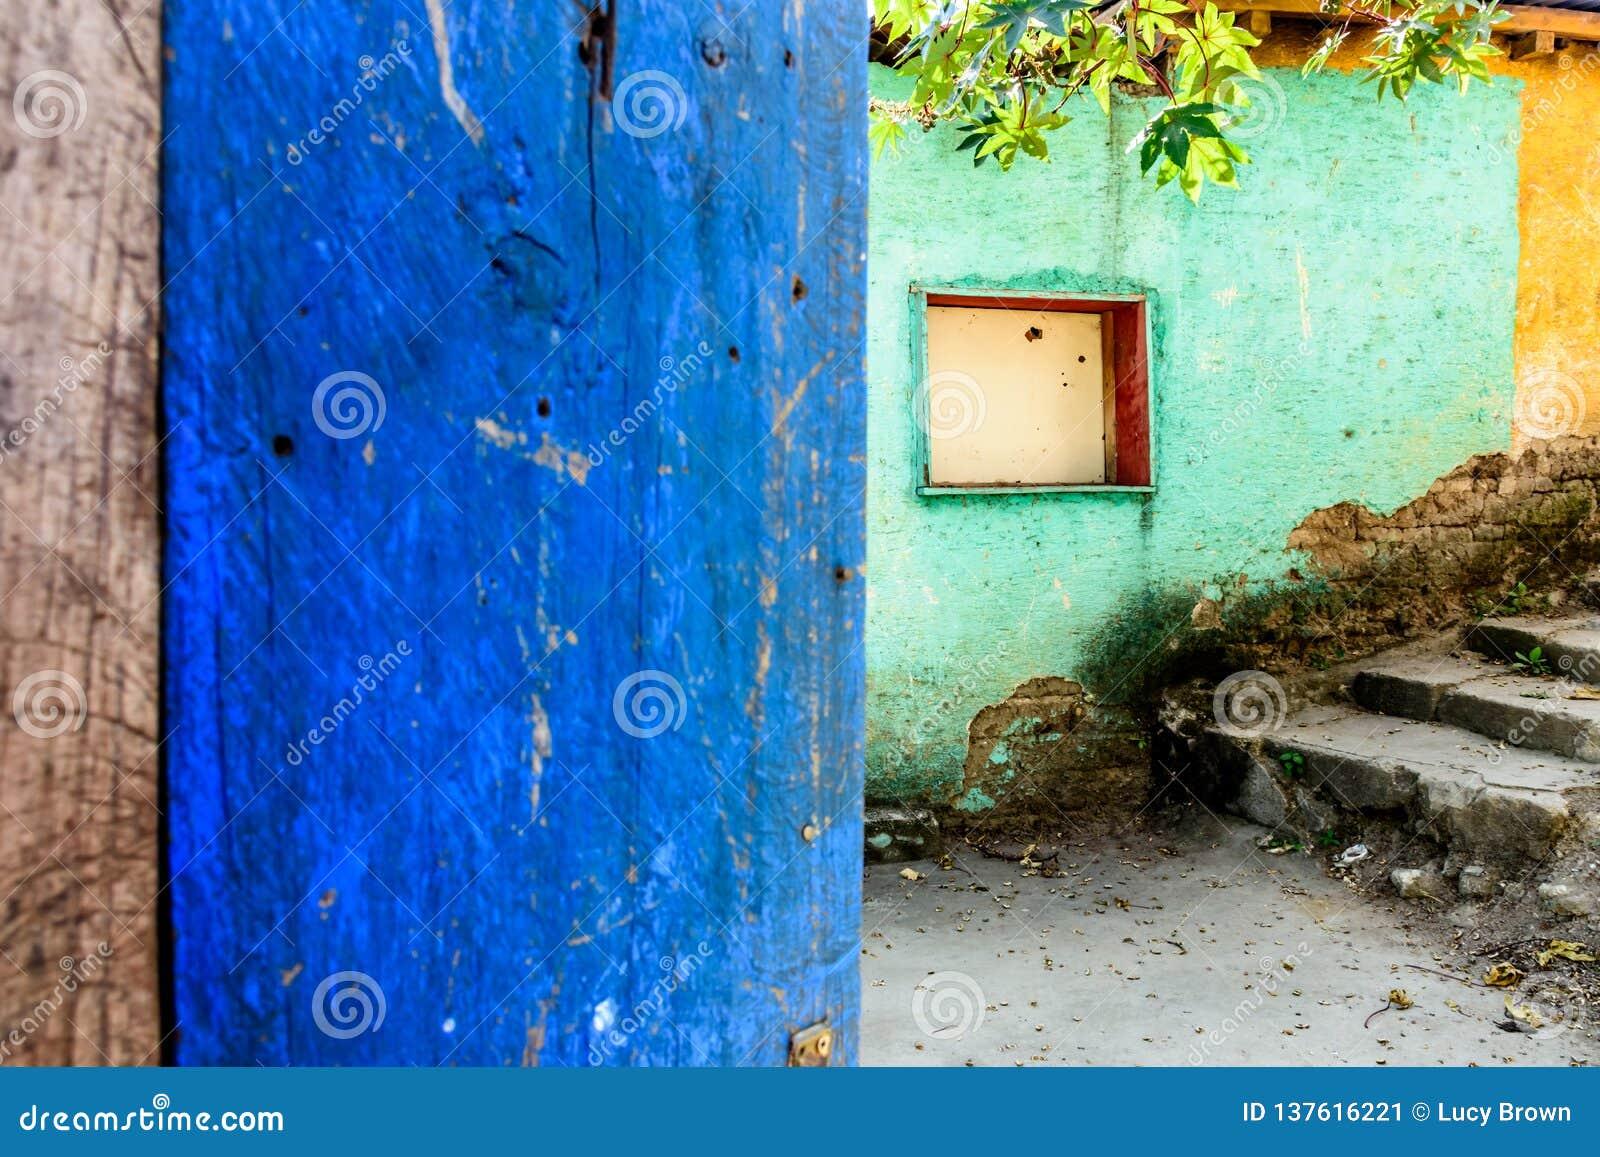 Lantlig öppen blå dörr & turkos & gul vägg